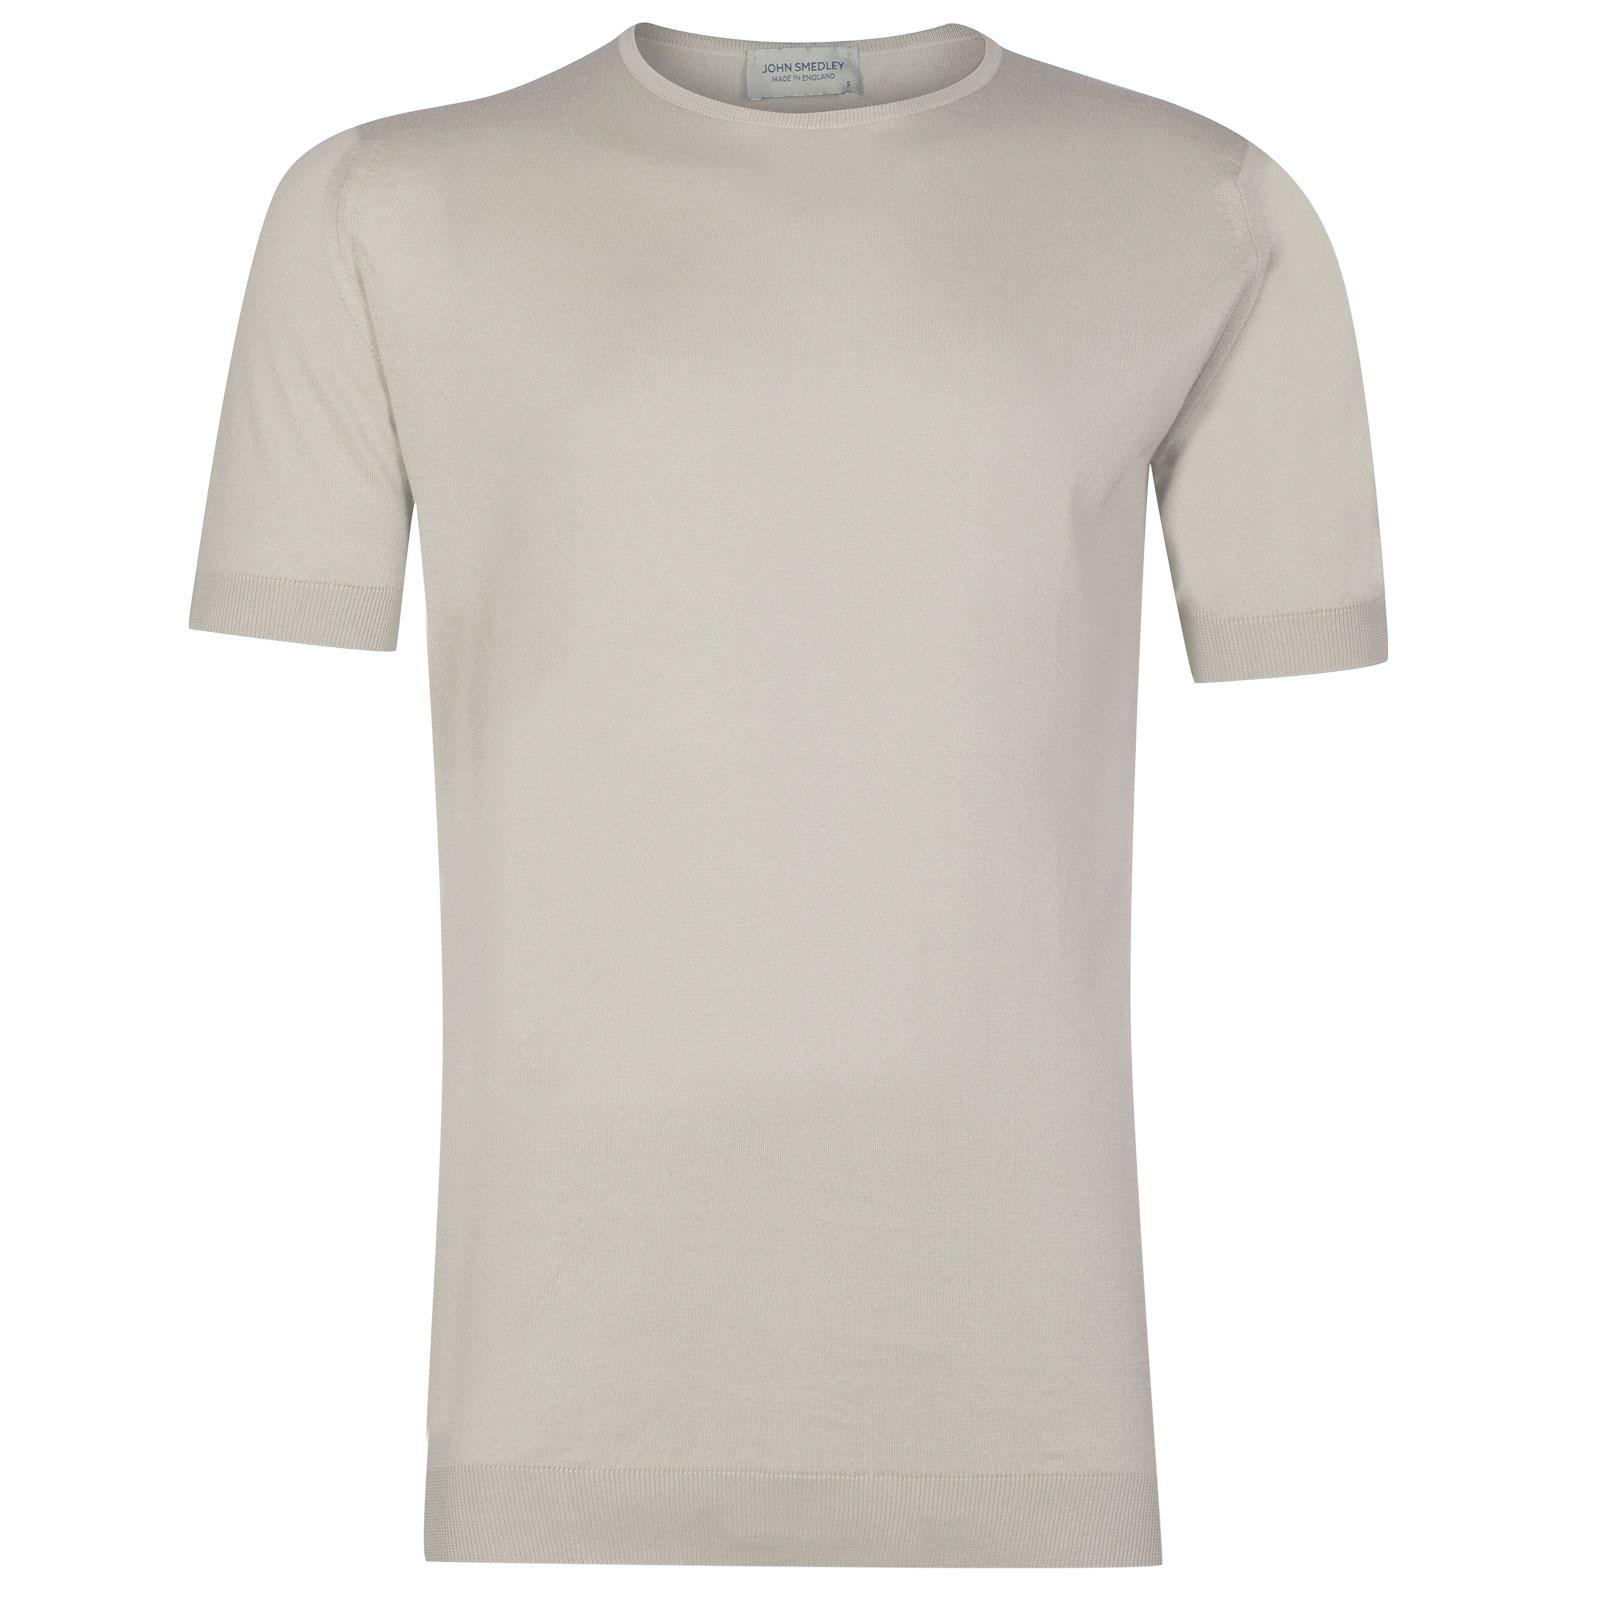 John Smedley Belden Sea Island Cotton T-shirt in Brunel Beige-L